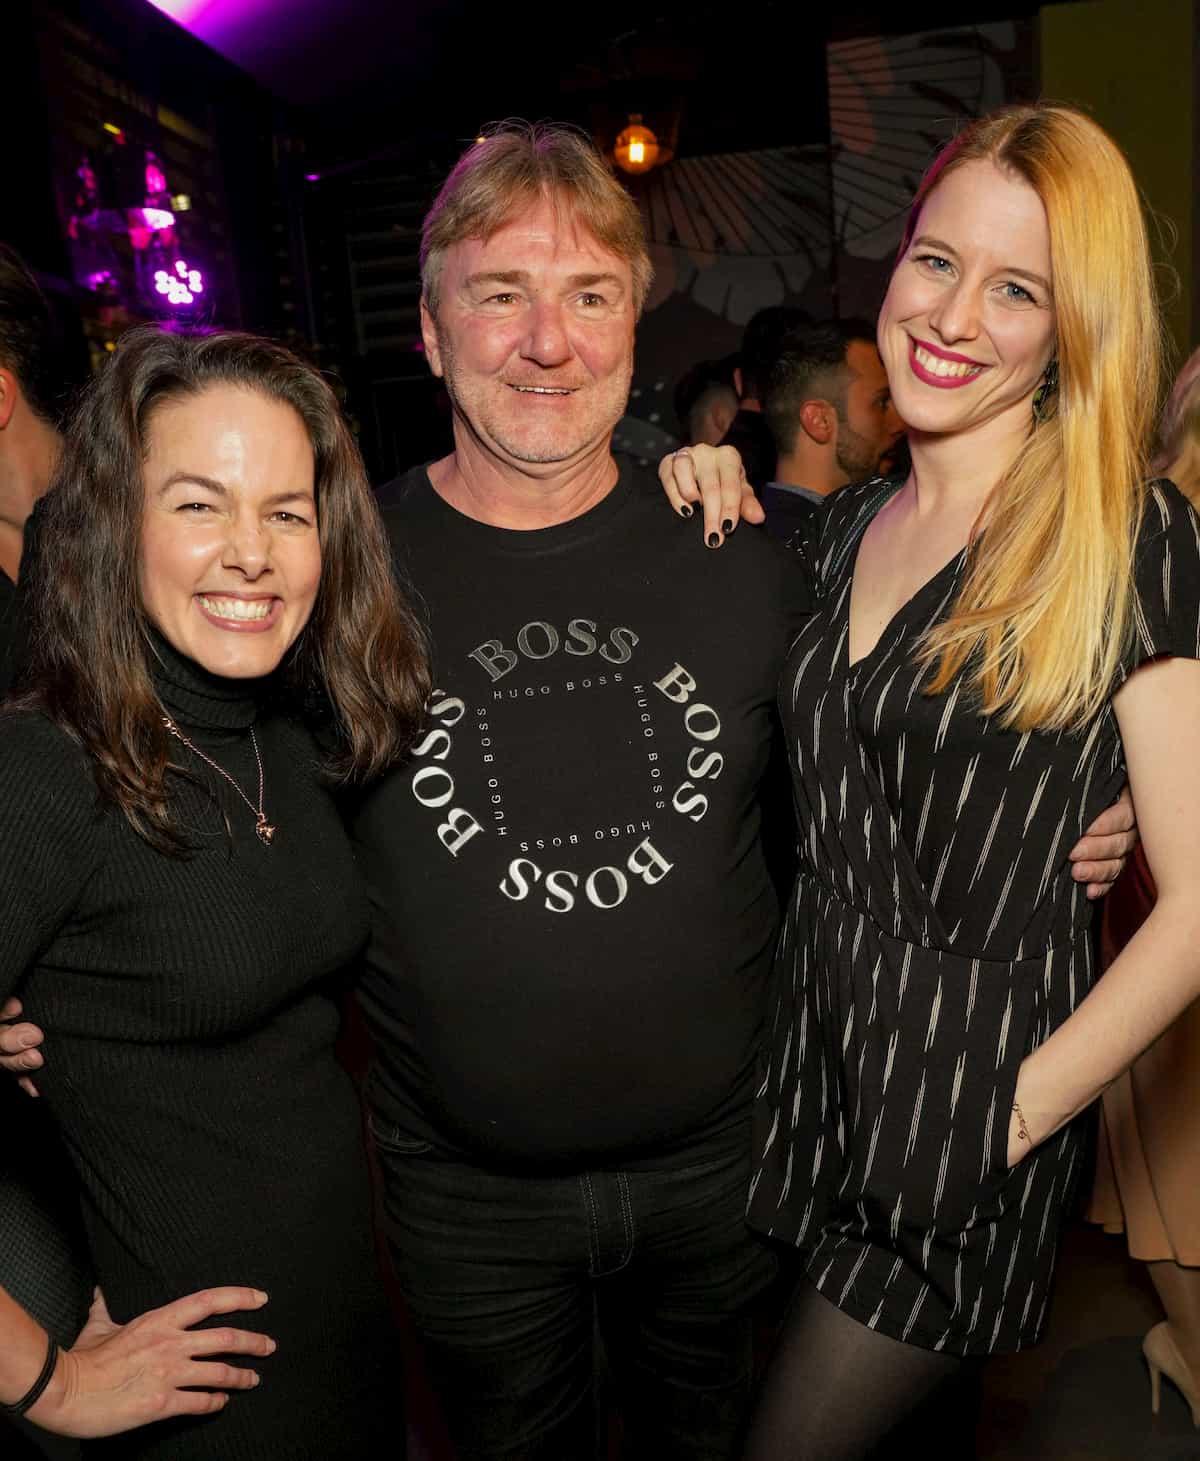 Roswitha Wieland, Andreas Ogris und Catharina Malek beim Kennenlernen der Dancing Stars 2020